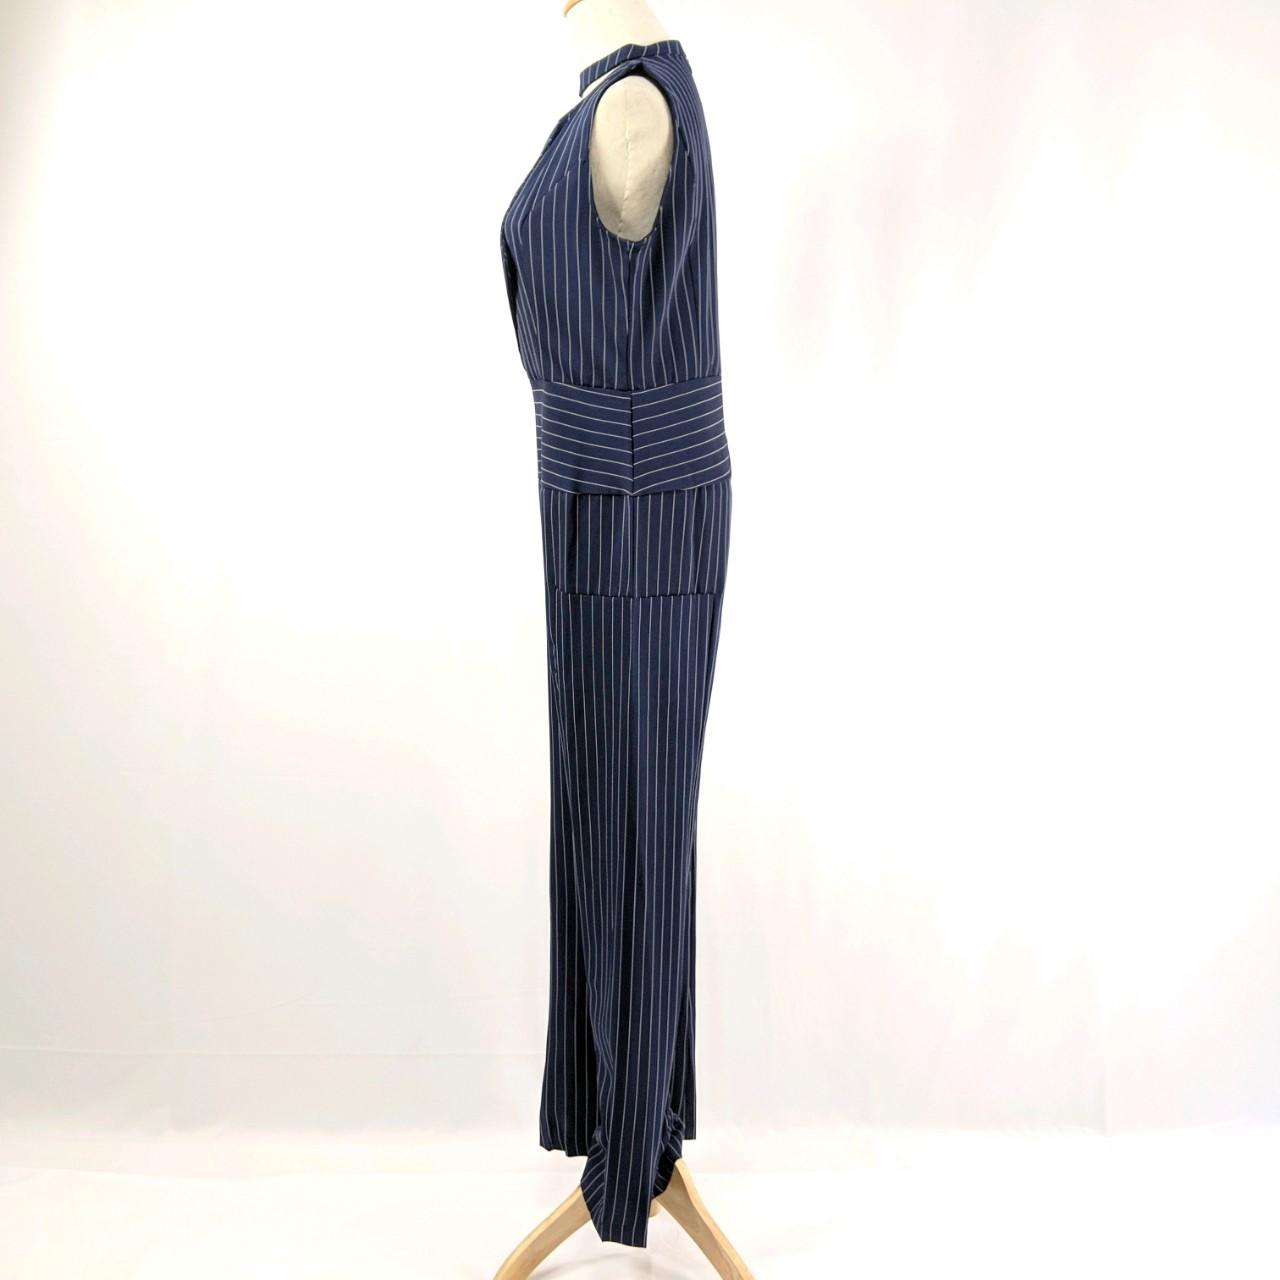 韓国 ファッション オールインワン サロペット 春 夏 パーティー ブライダル PTXE912  チョーカー風 Vネック ウエストマーク ワイドパンツ ドレス 二次会 セレブ きれいめの写真16枚目